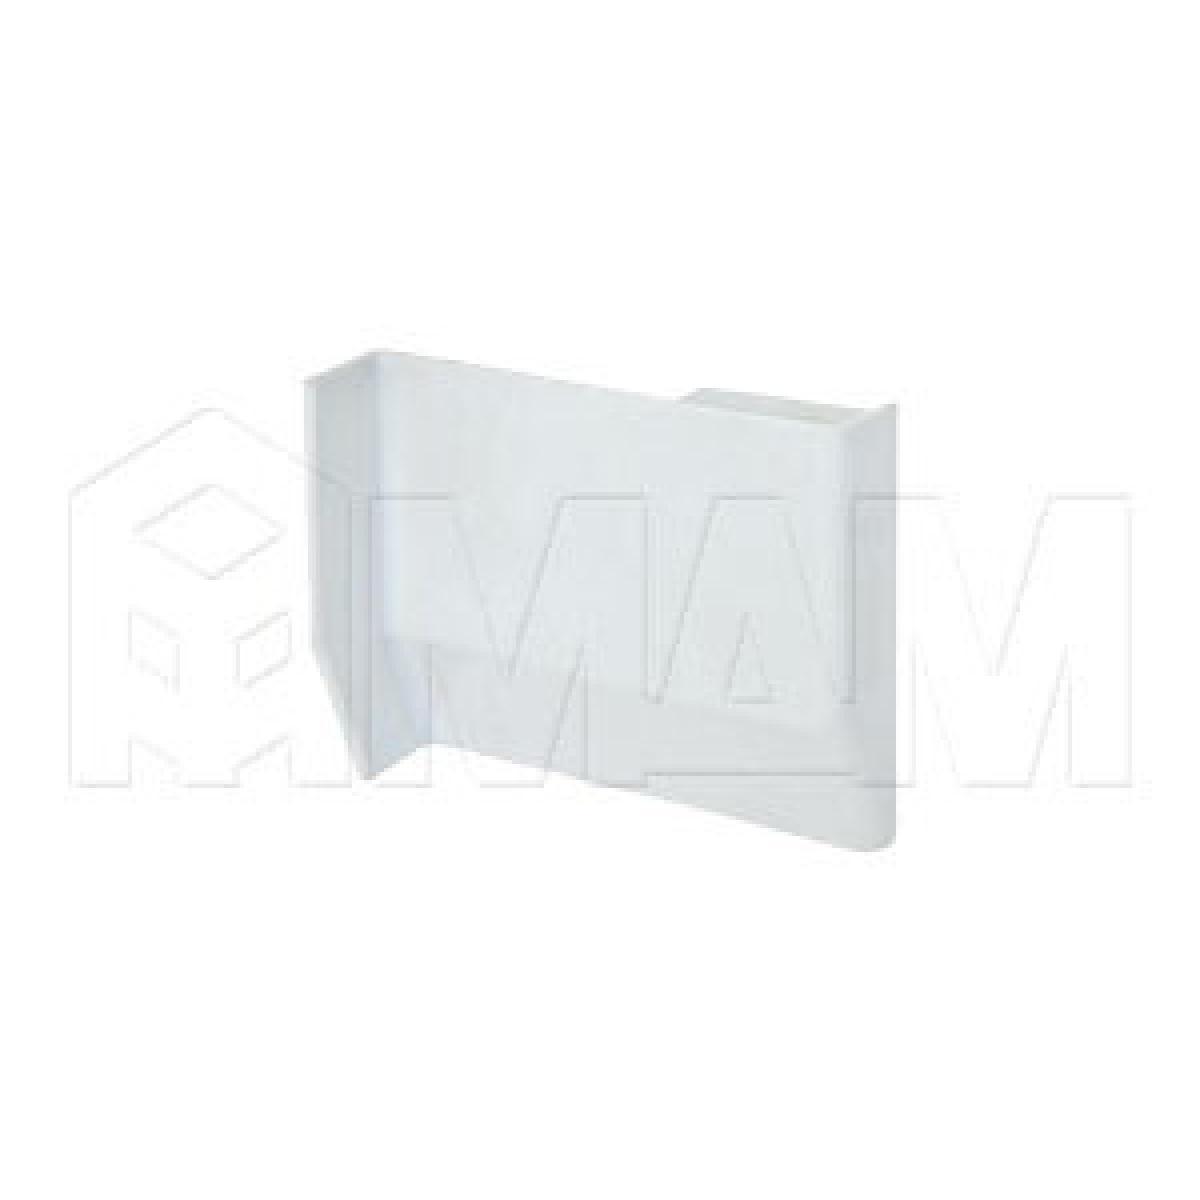 801 Заглушка для мебельного навеса, пластик, белая, левая